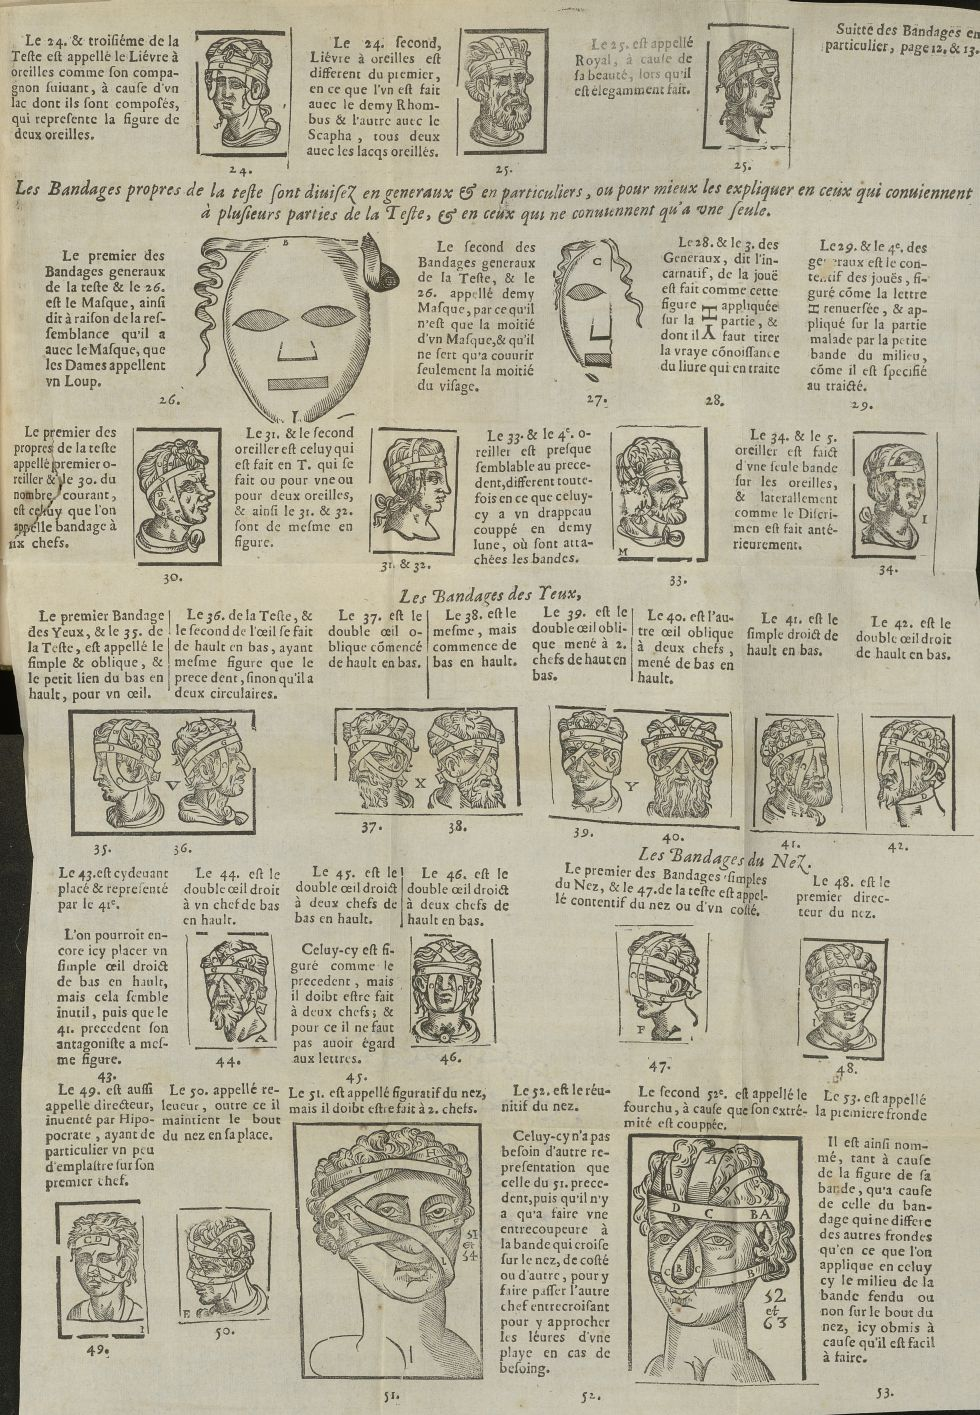 Les bandages propres de la teste / Les bandages des yeux / Les bandages du nez - L'Oeconomie chirurg [...] - Matériels. Pansements. 17e siècle - med5207Ax0766